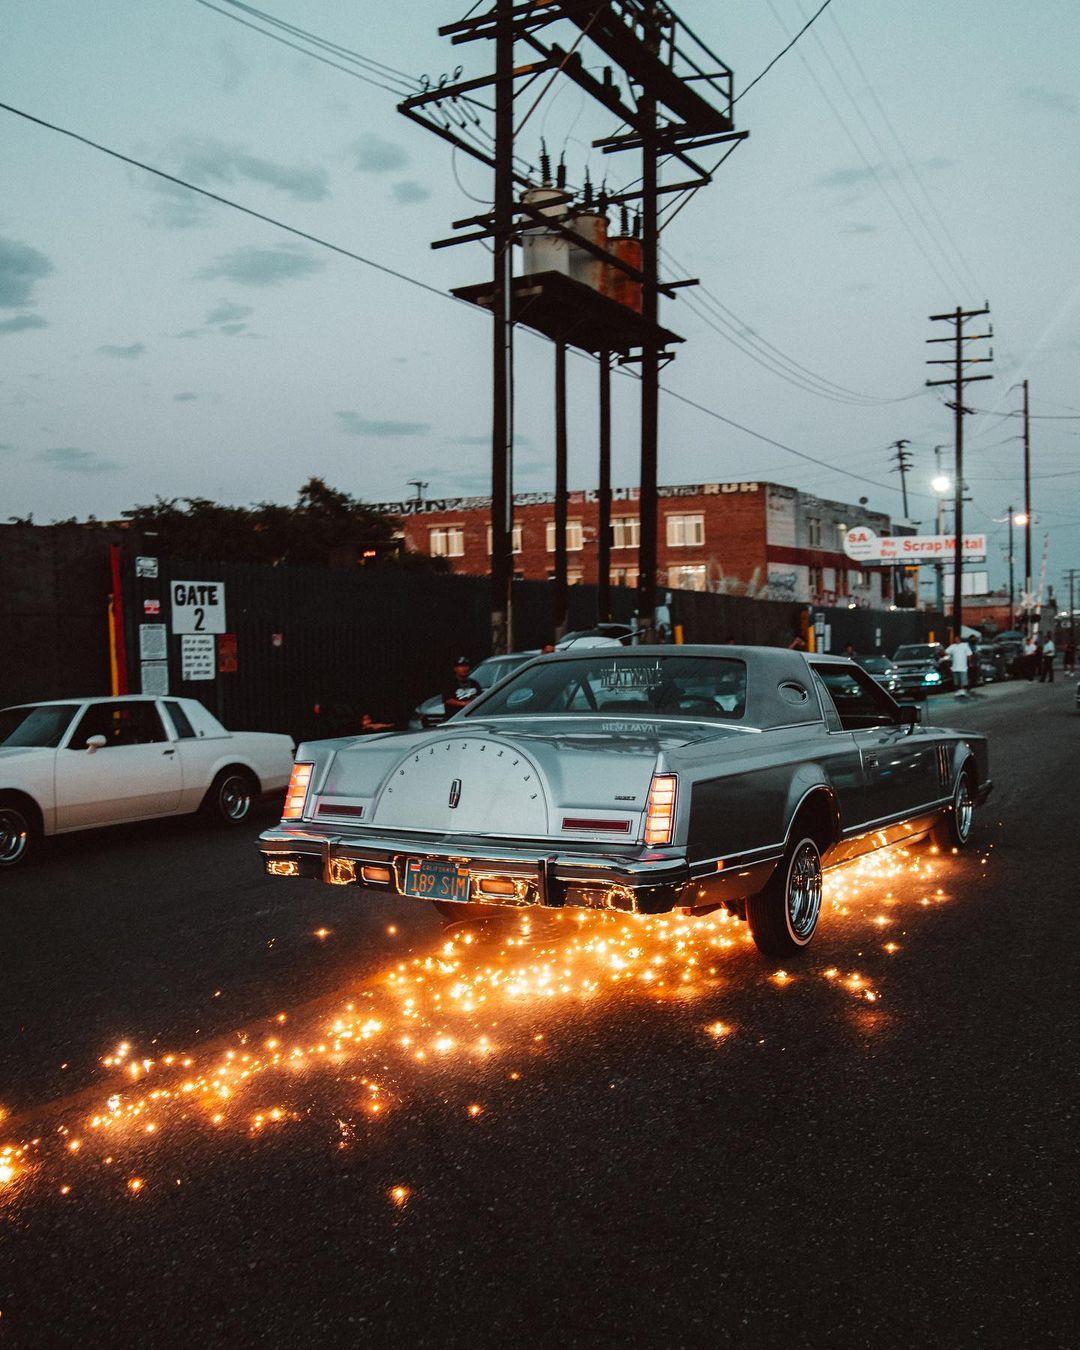 Уличные и городские снимки из путешествий Терри Маклафлина